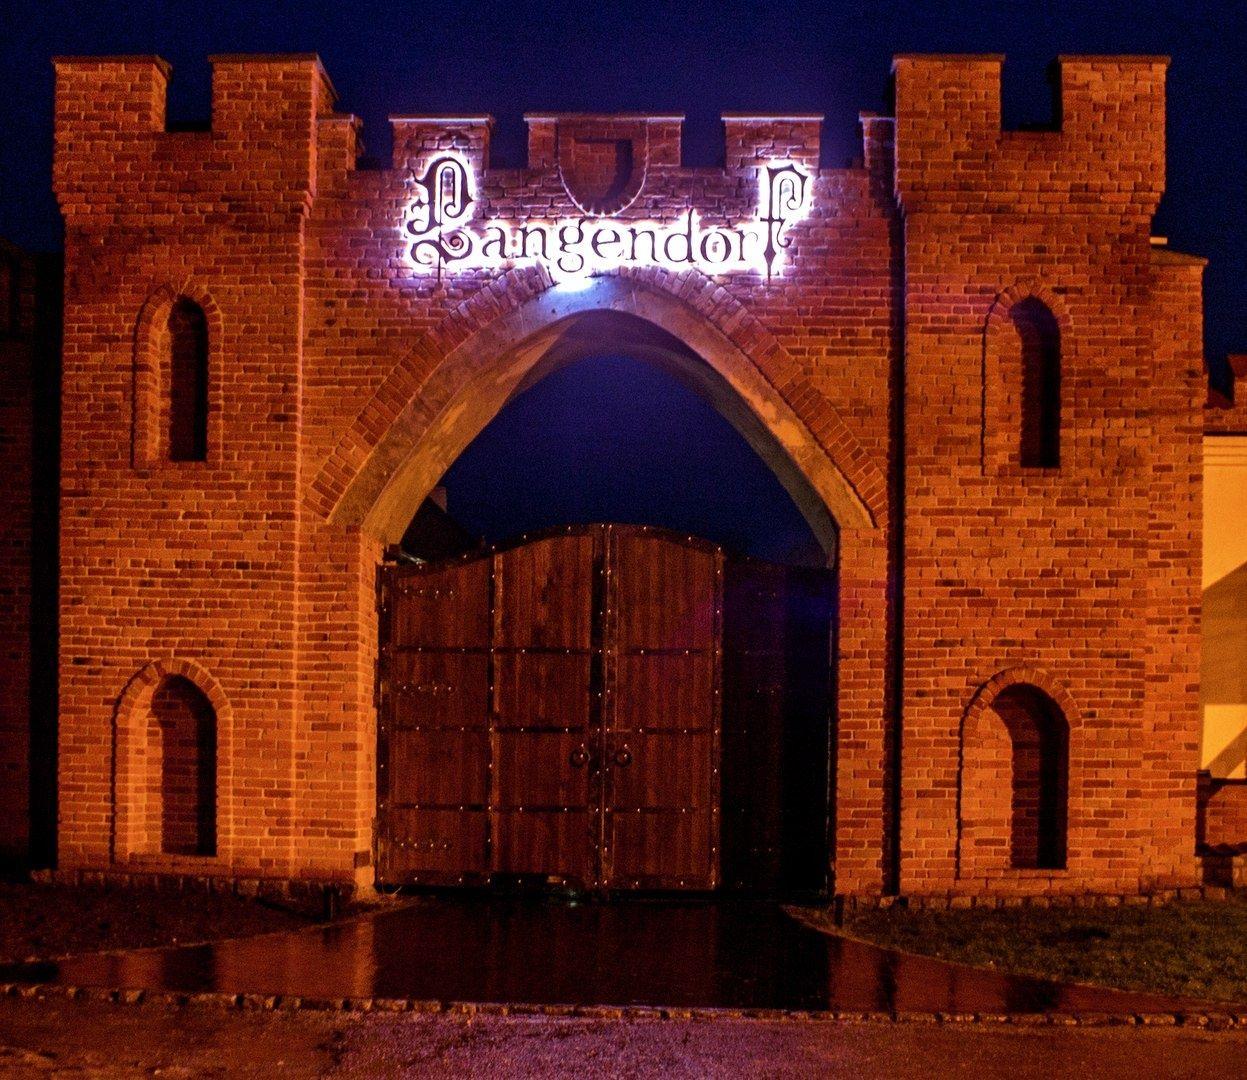 Замковое имение «LANGENDORF» Калининградская область, фото 16